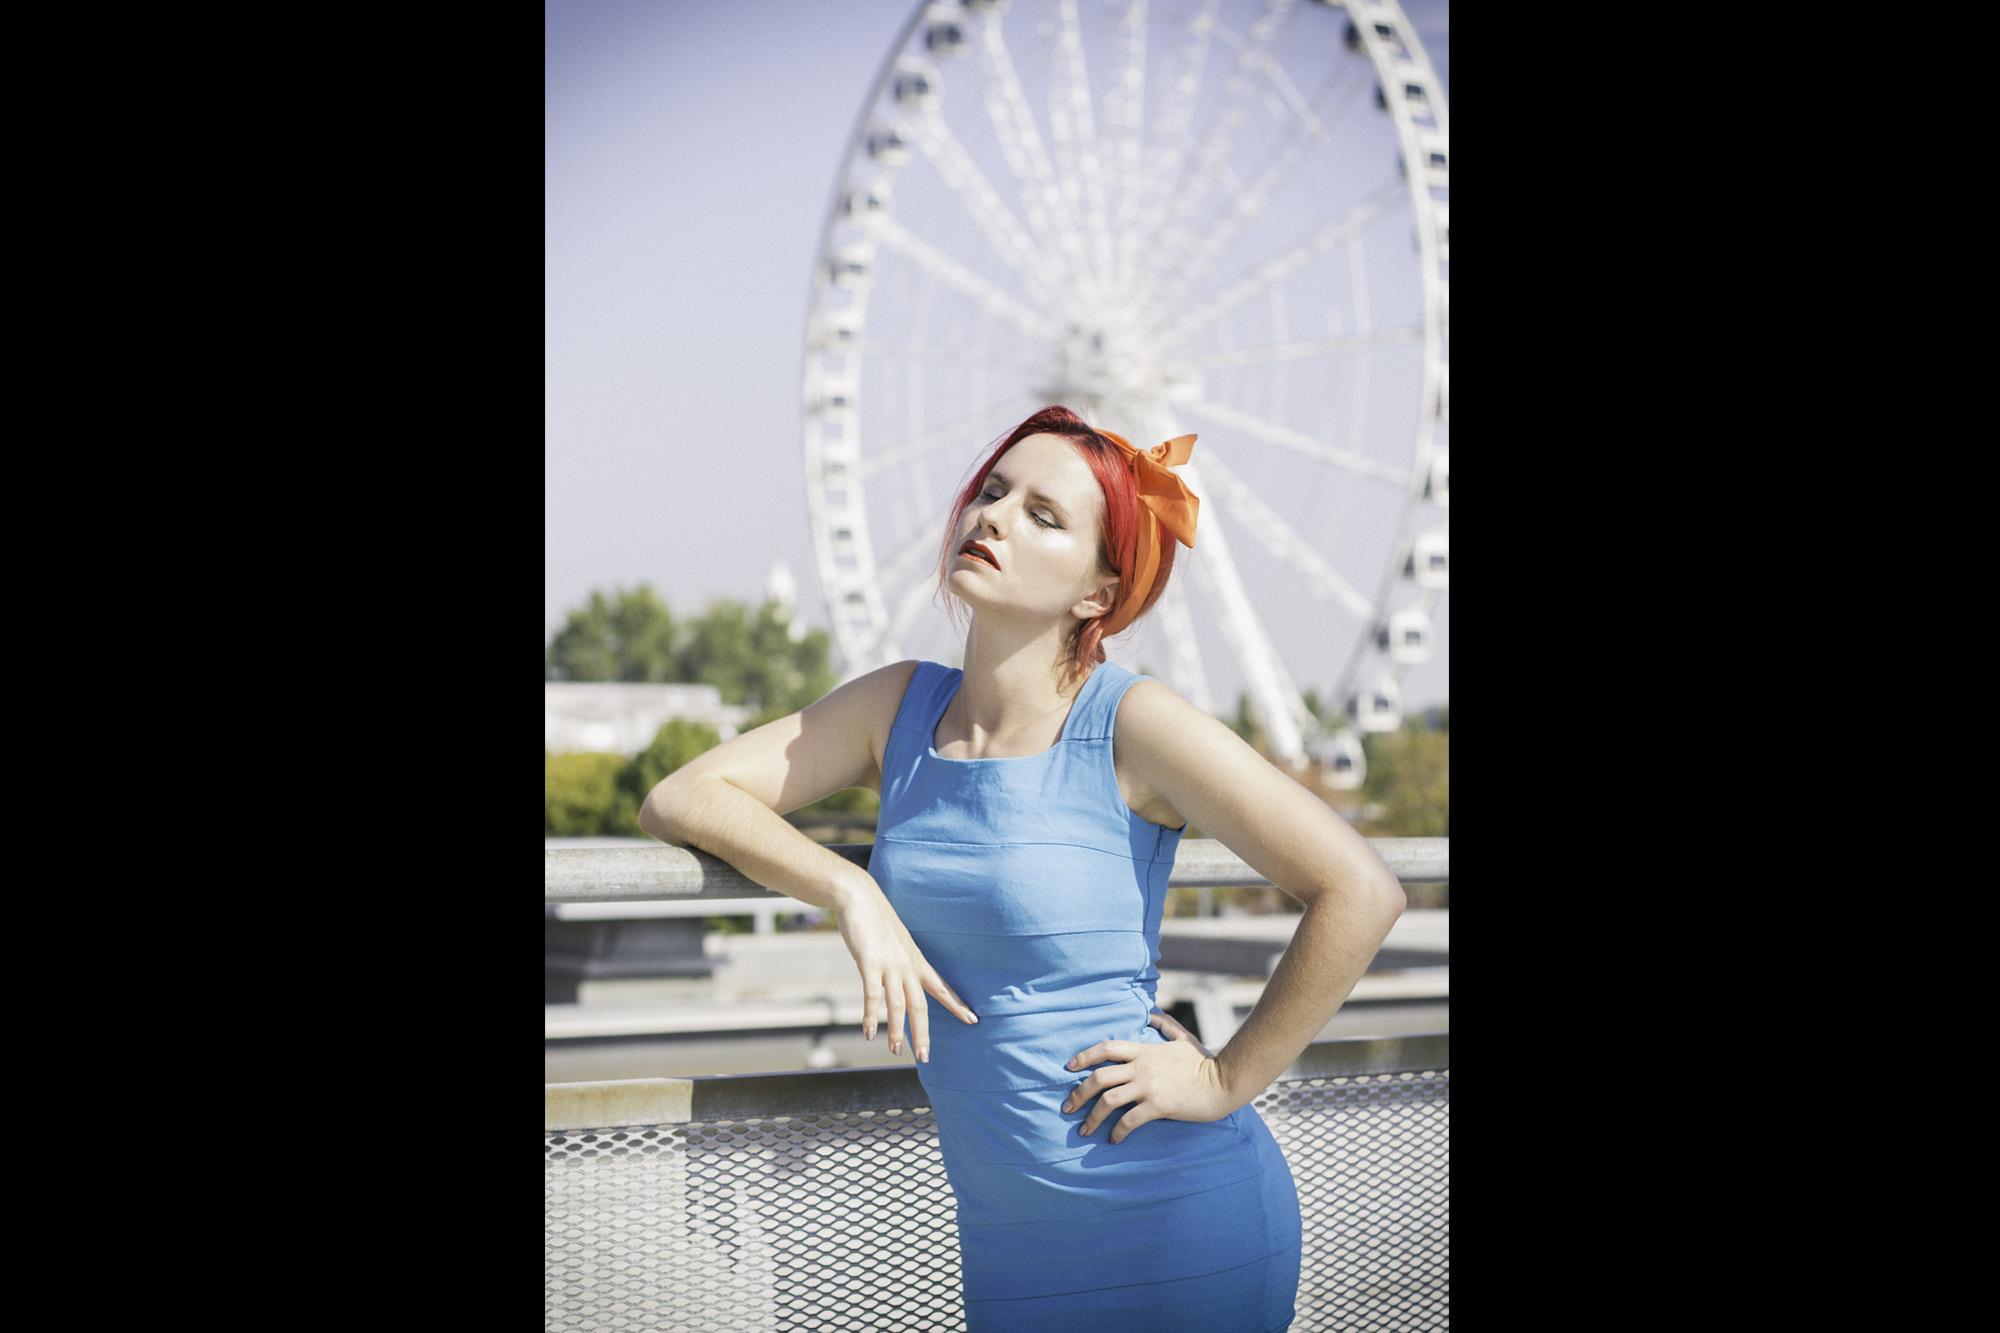 Photo tiré du portfolio de JessieL Photographe